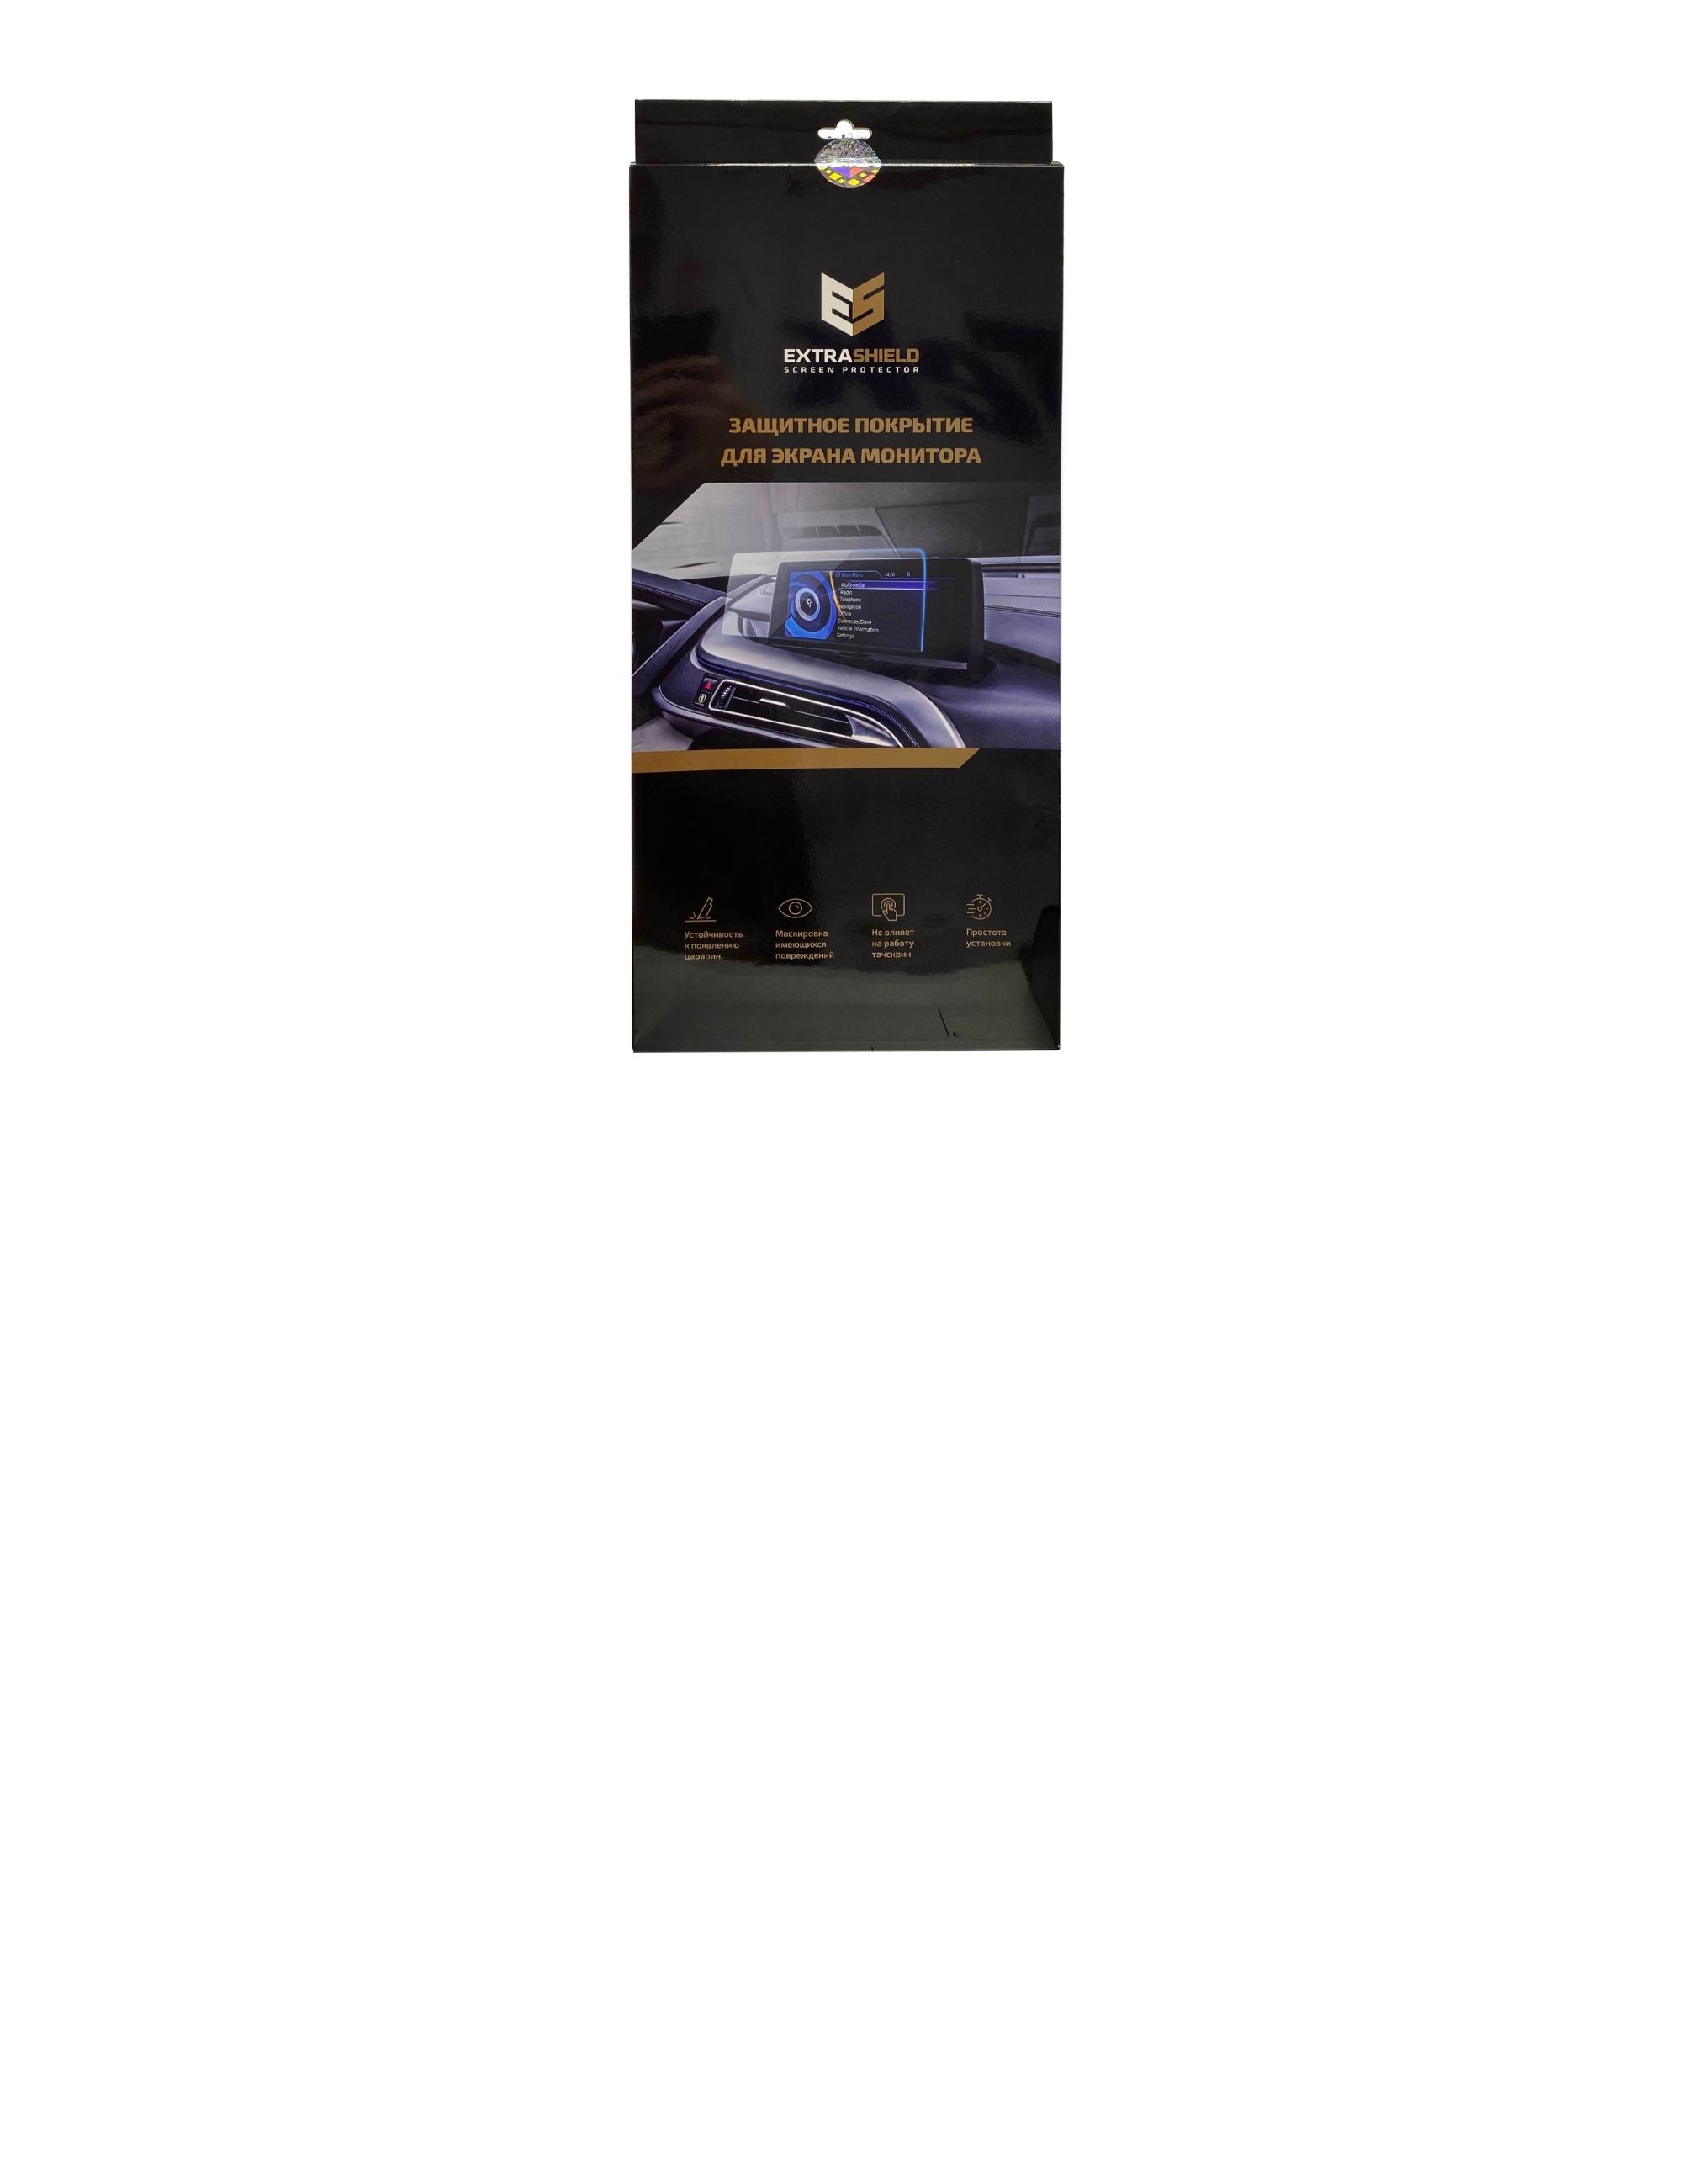 Volkswagen Jetta 2014 - 2018 мультимедиа 6.5 Защитное стекло Глянец